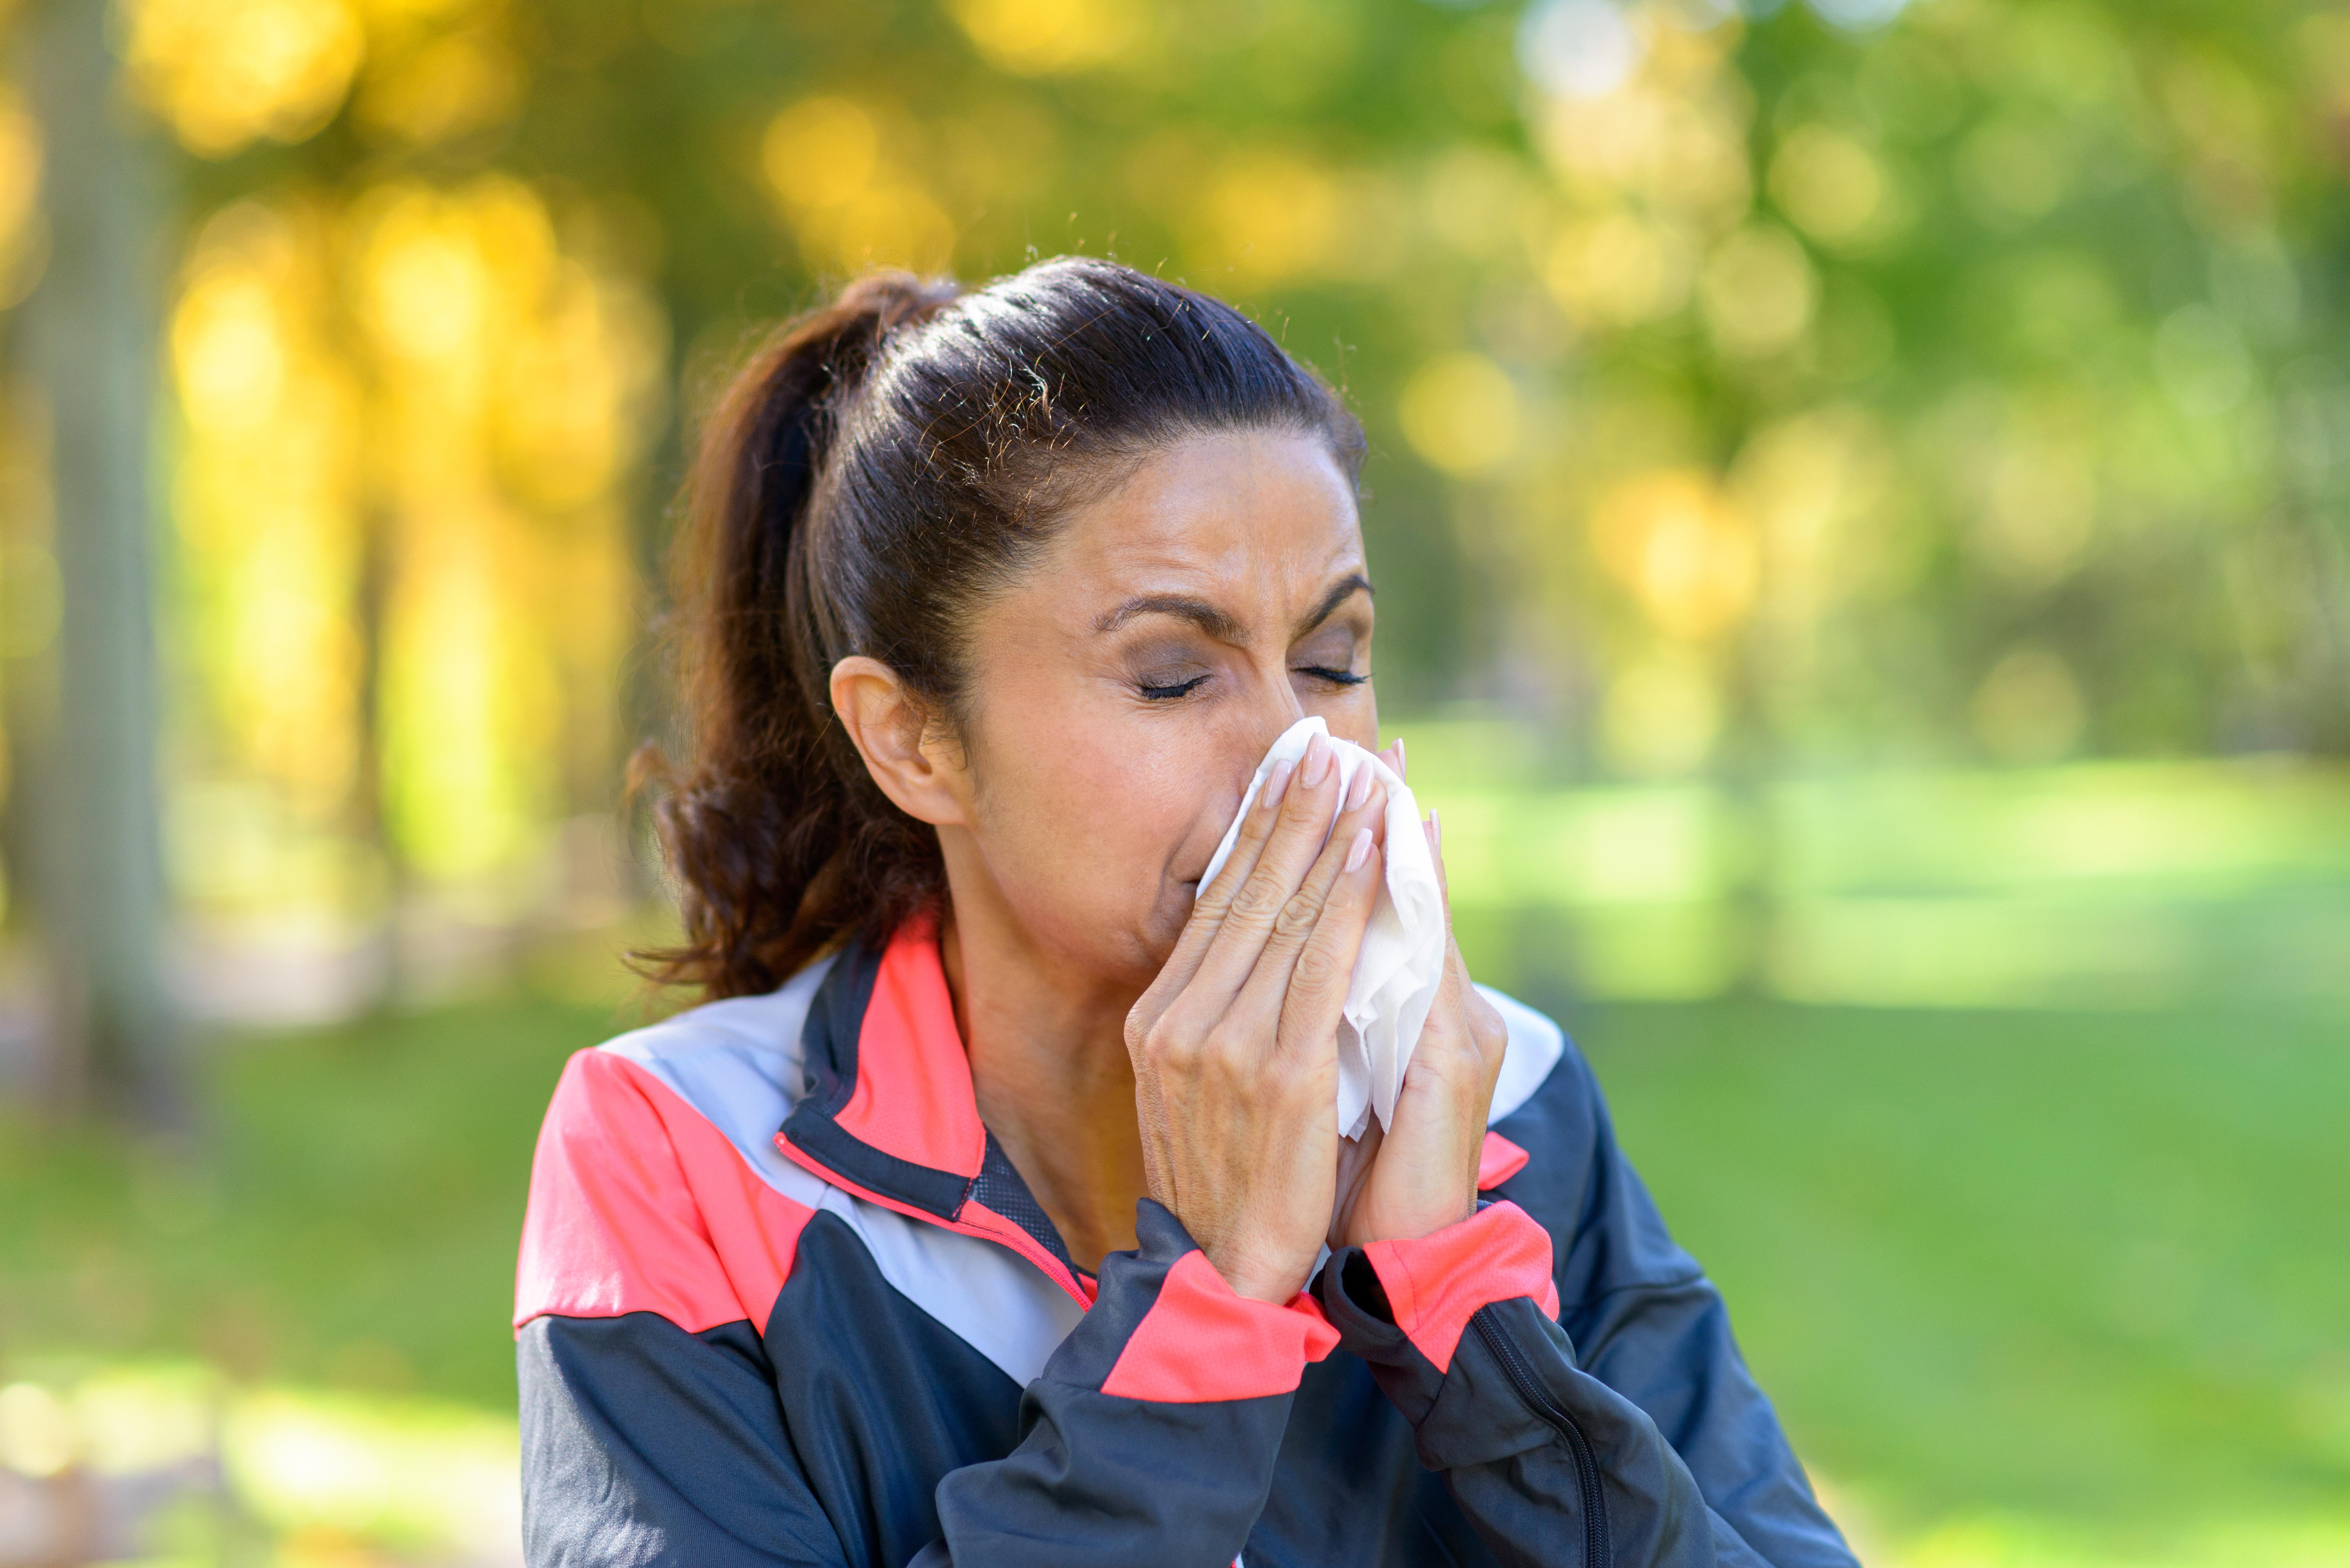 En undersökning visar att allergin påverkar träningsvanorna hos pollenallergiker i mycket hög grad.